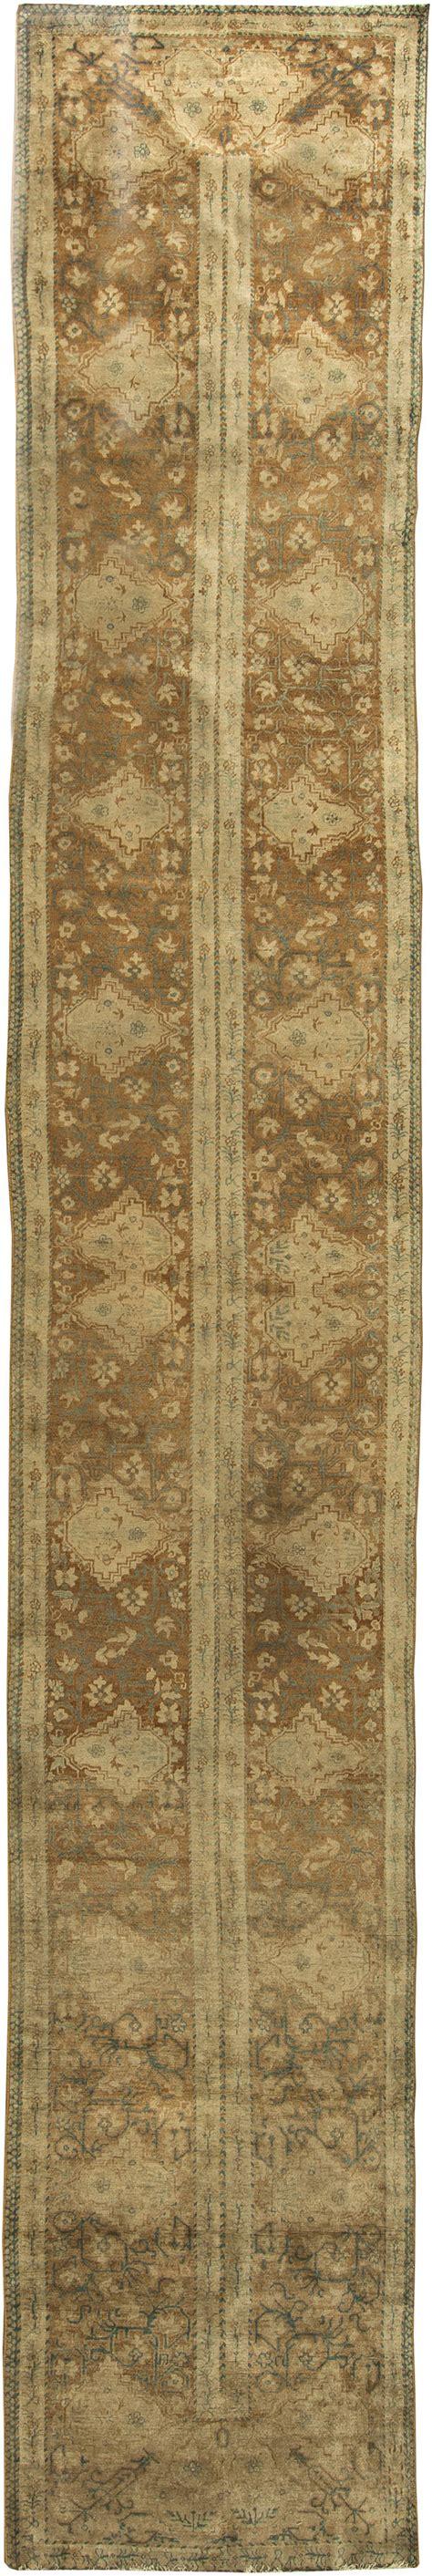 indian runner rugs antique indian runner fragment bb4109 by doris leslie blau